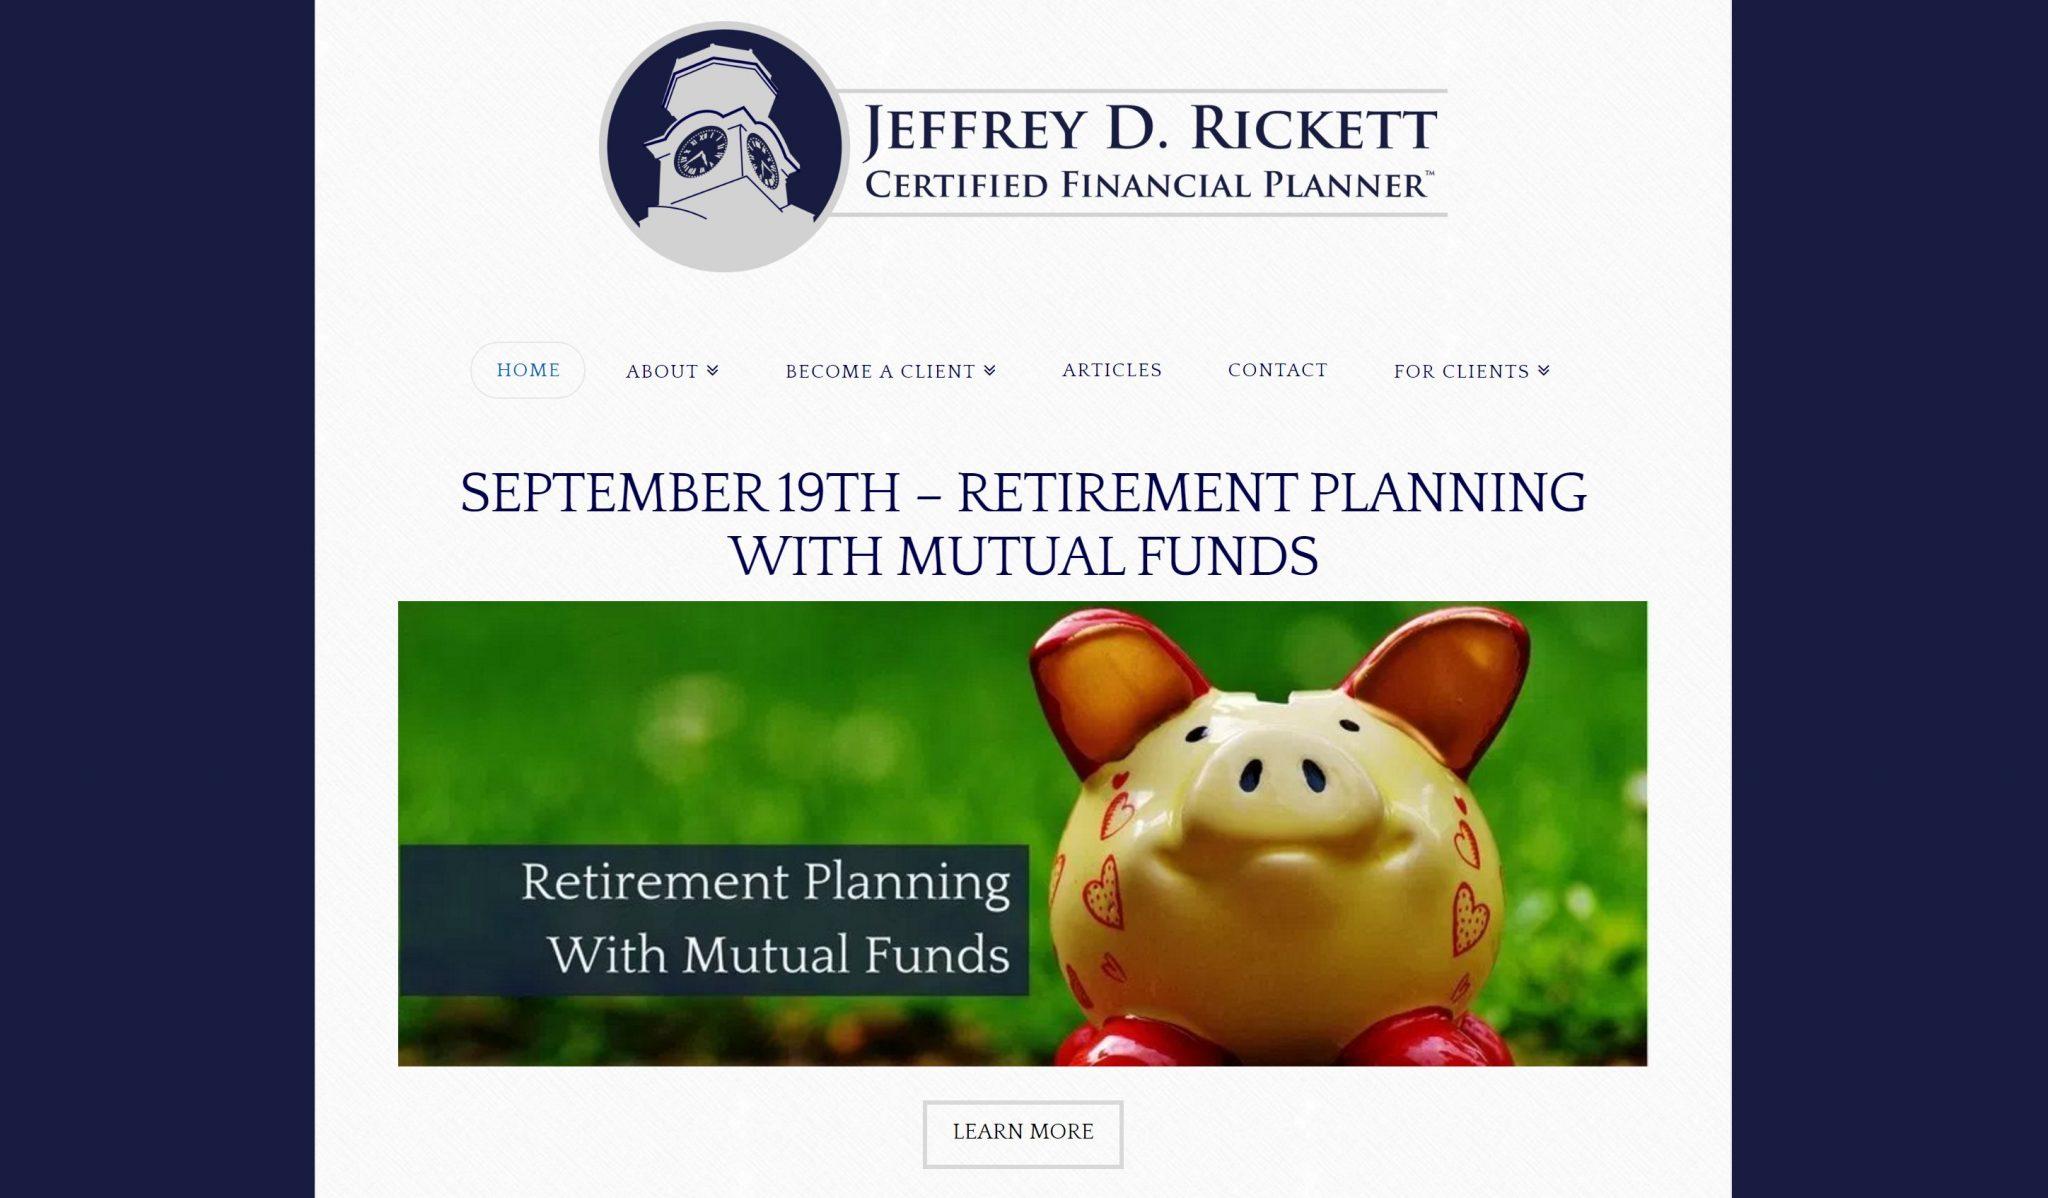 Jeffrey D. Rickett Website